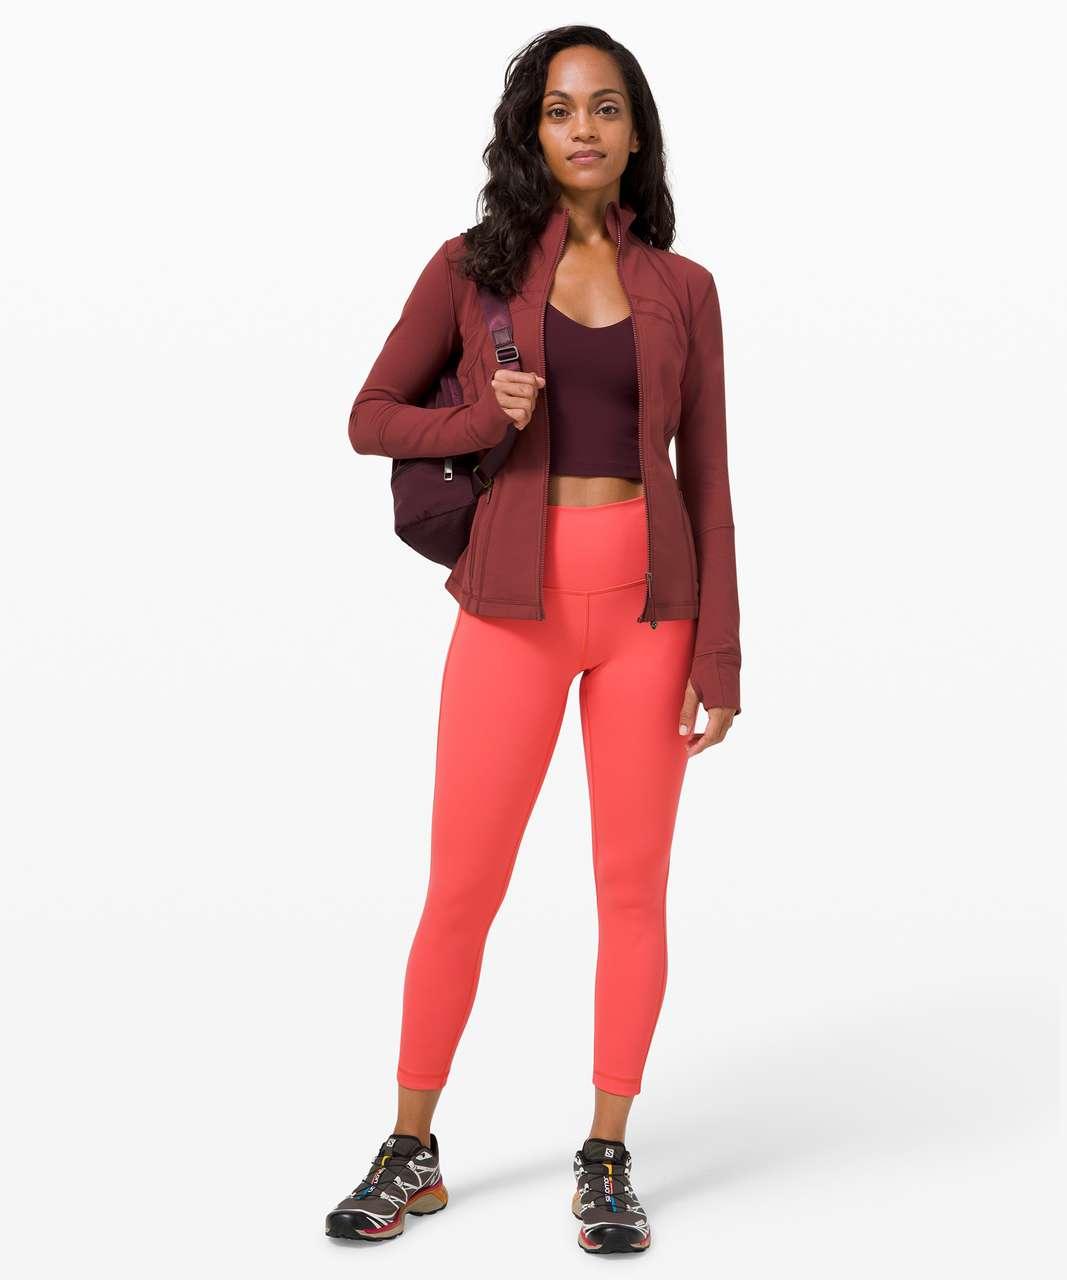 Lululemon Define Jacket - Savannah